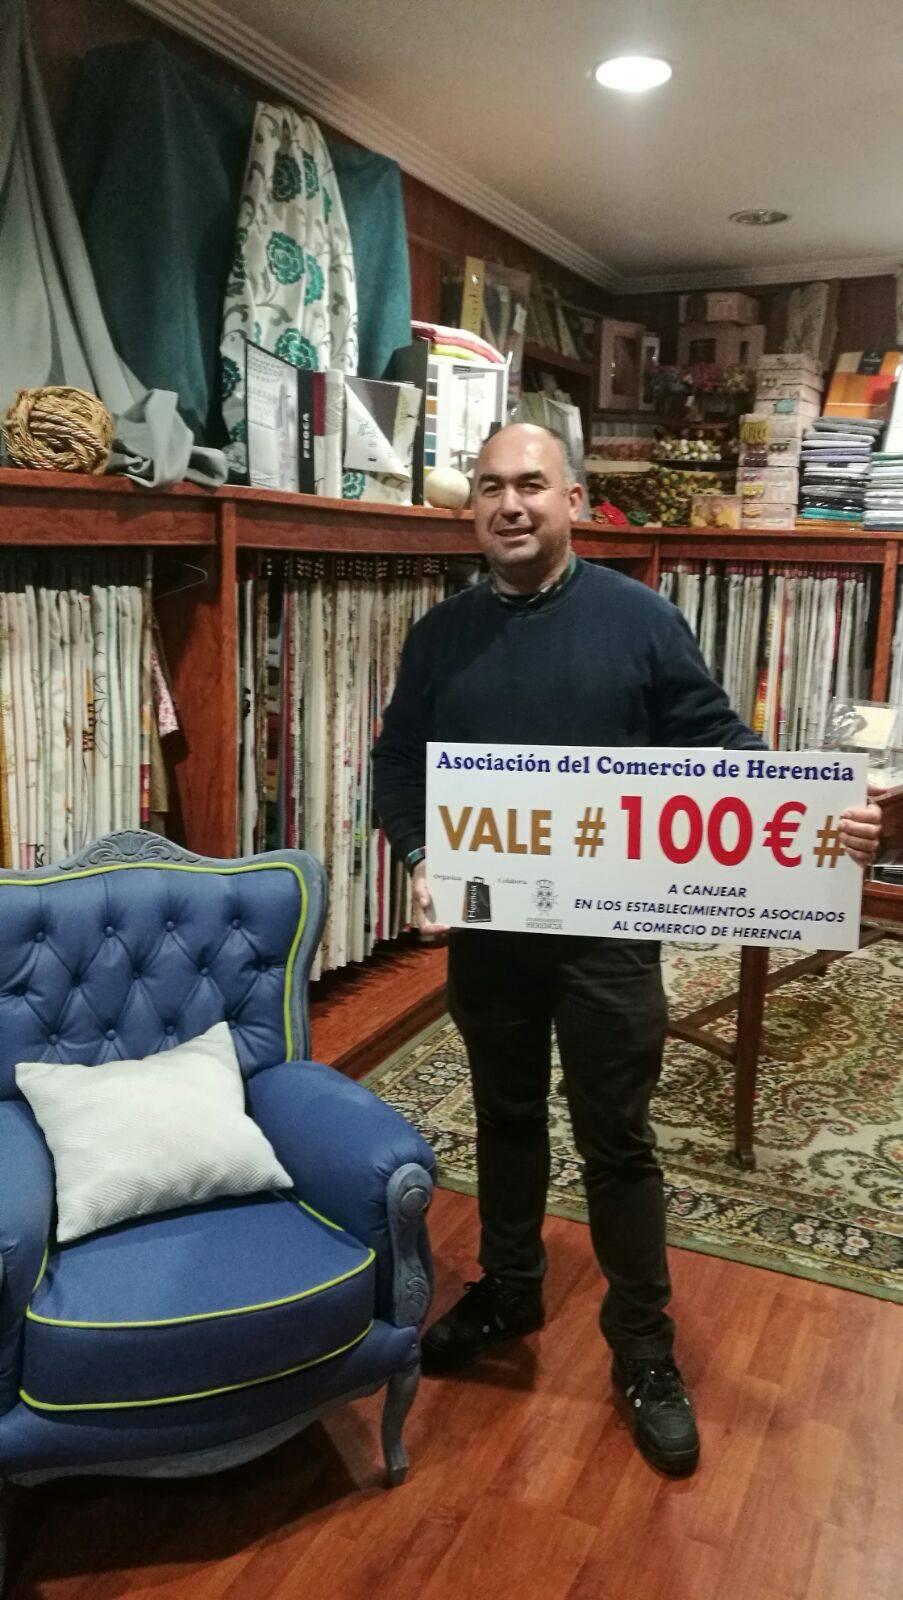 Ganador del premio de 100 euros del comercio de Herencia - Ganadores del sorteo de los cheques regalo de la Asociación del Comercio